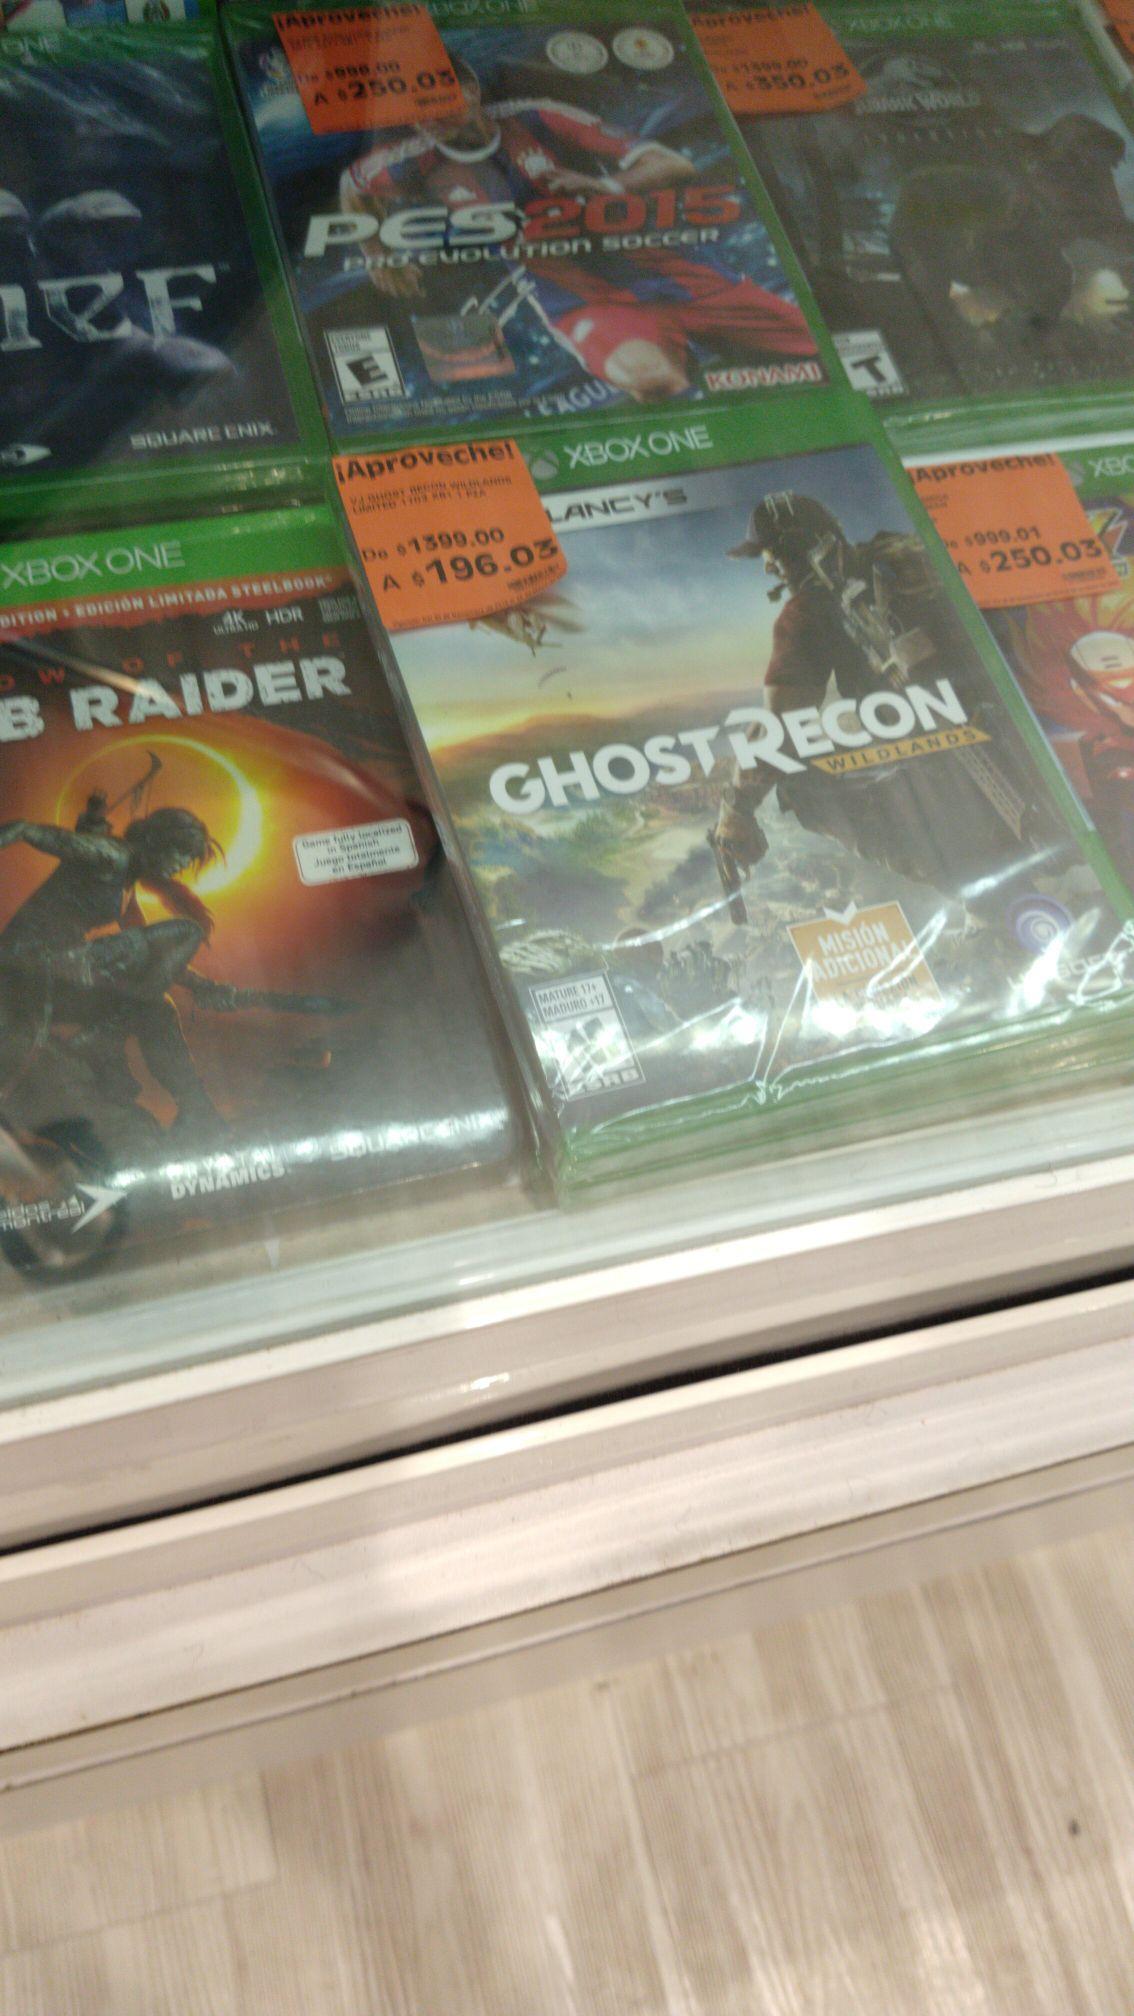 La Comer Querétaro Estadio: Ghost Recon Wild Lands para Xbox One